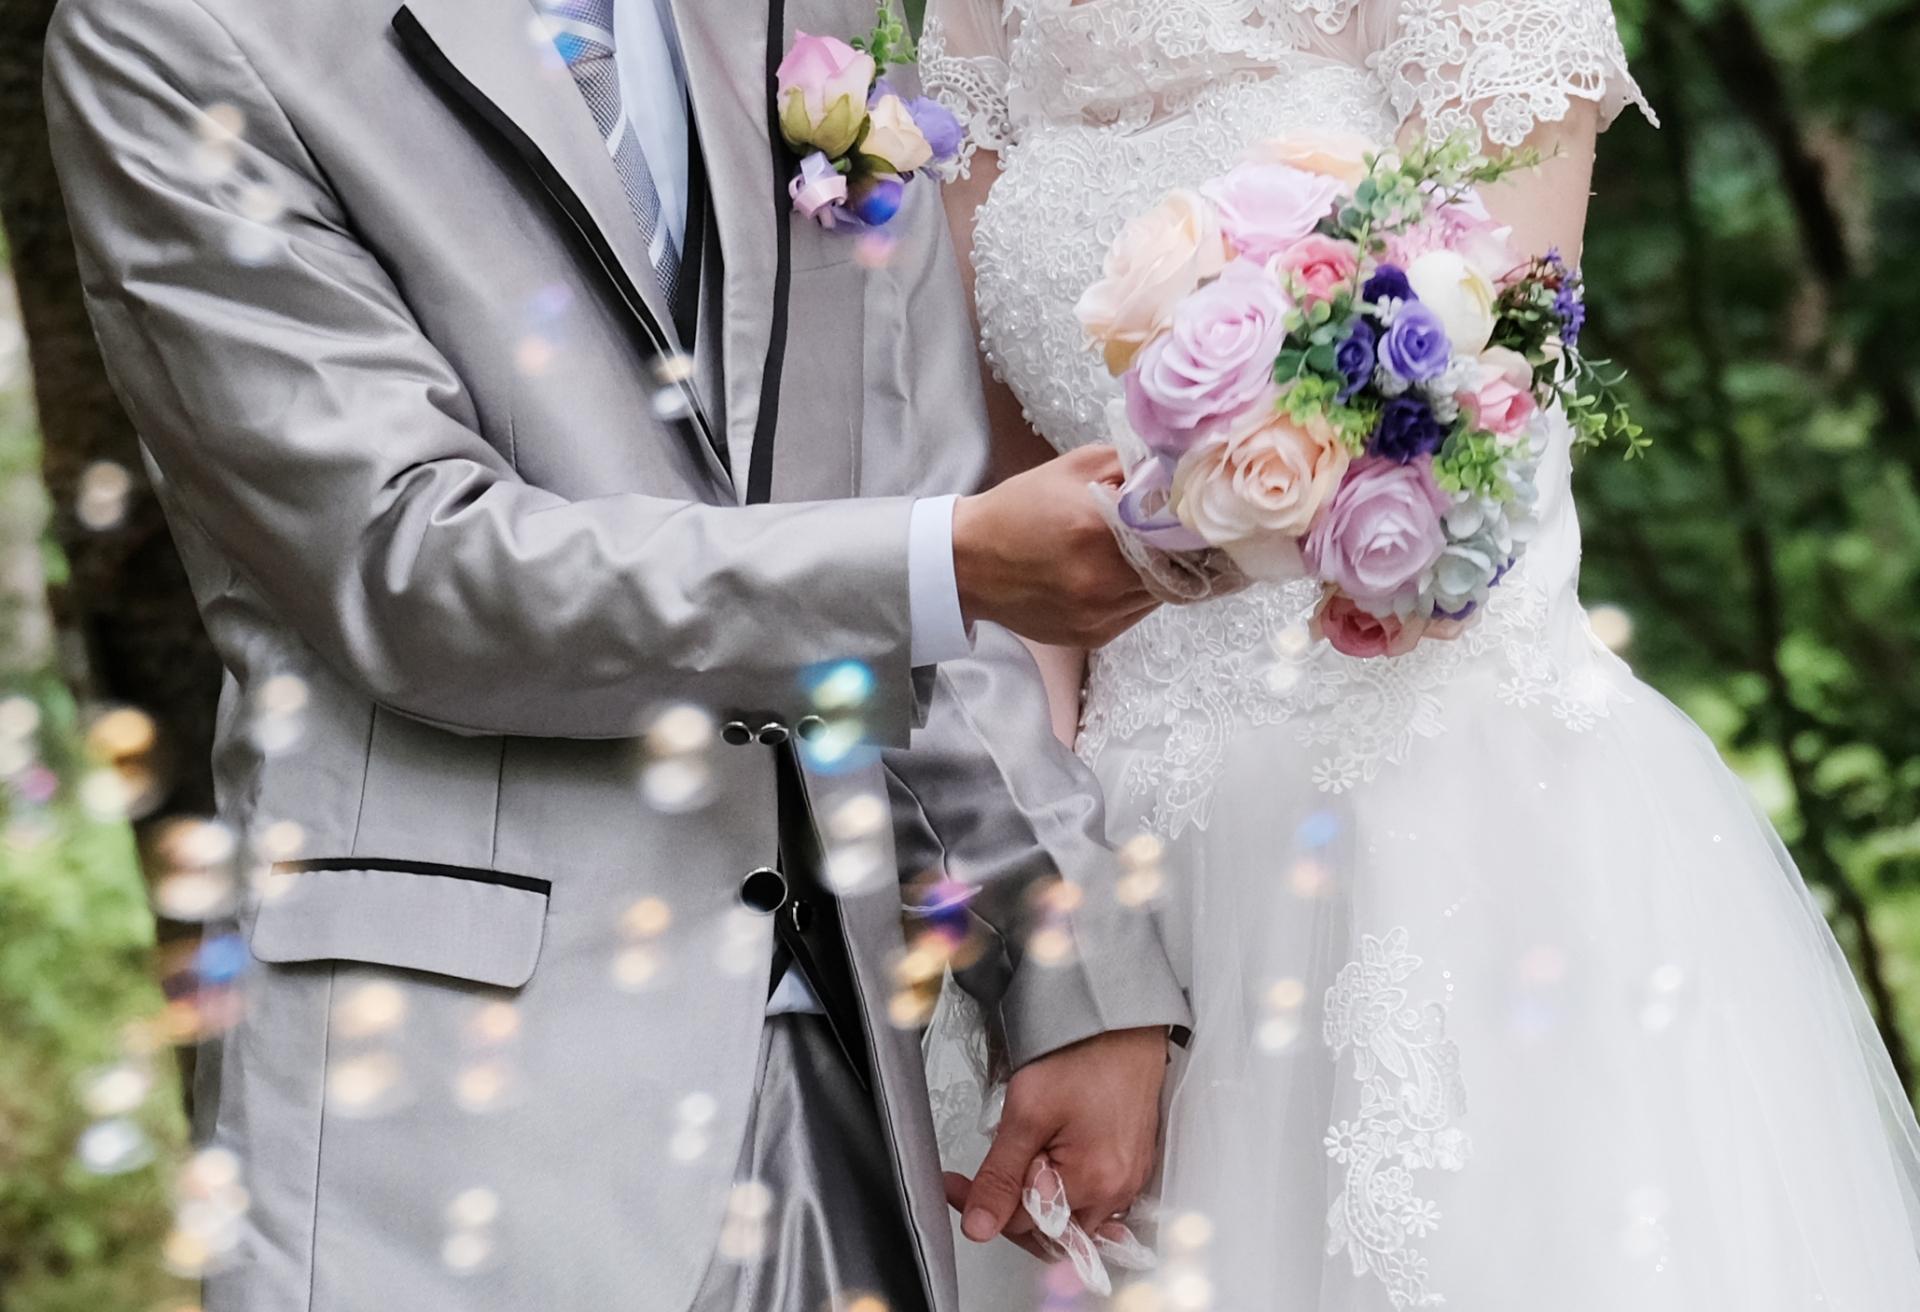 ~適齢期のお子様を持つ親御様へ~ お子様の幸せな結婚を望む時に、親としてできることを一緒に考えていきませんか。結婚相談所としてお手伝いできることをお伝えいたします。